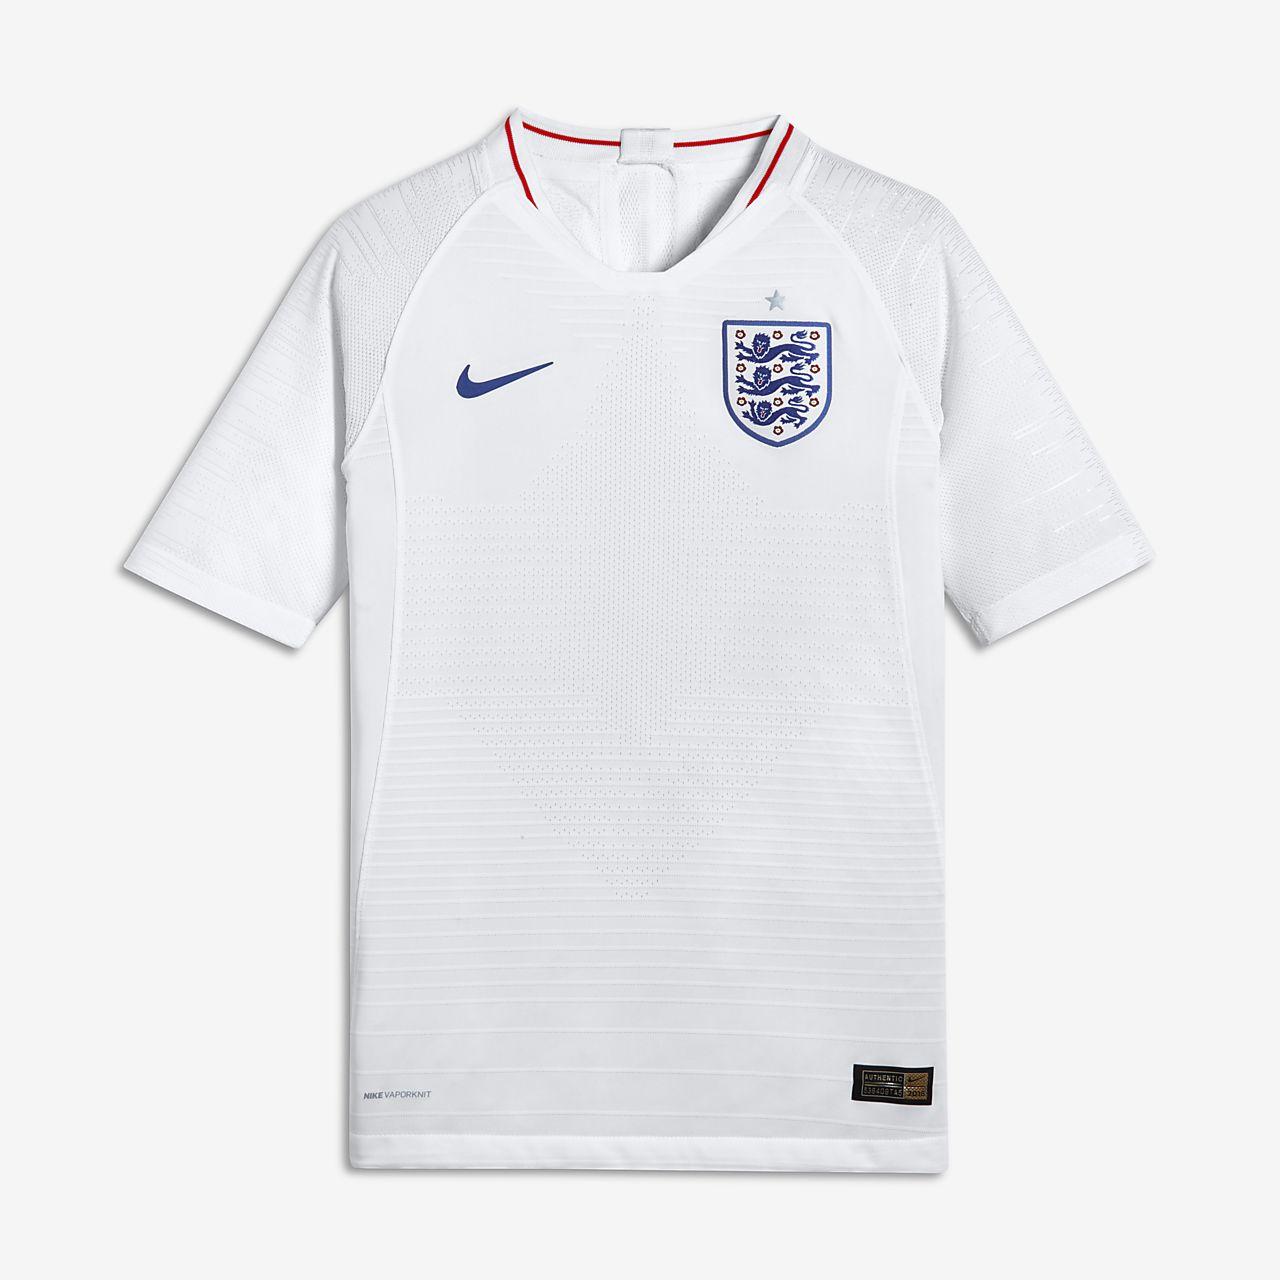 2018 England Vapor Match Home fotballdrakt til store barn